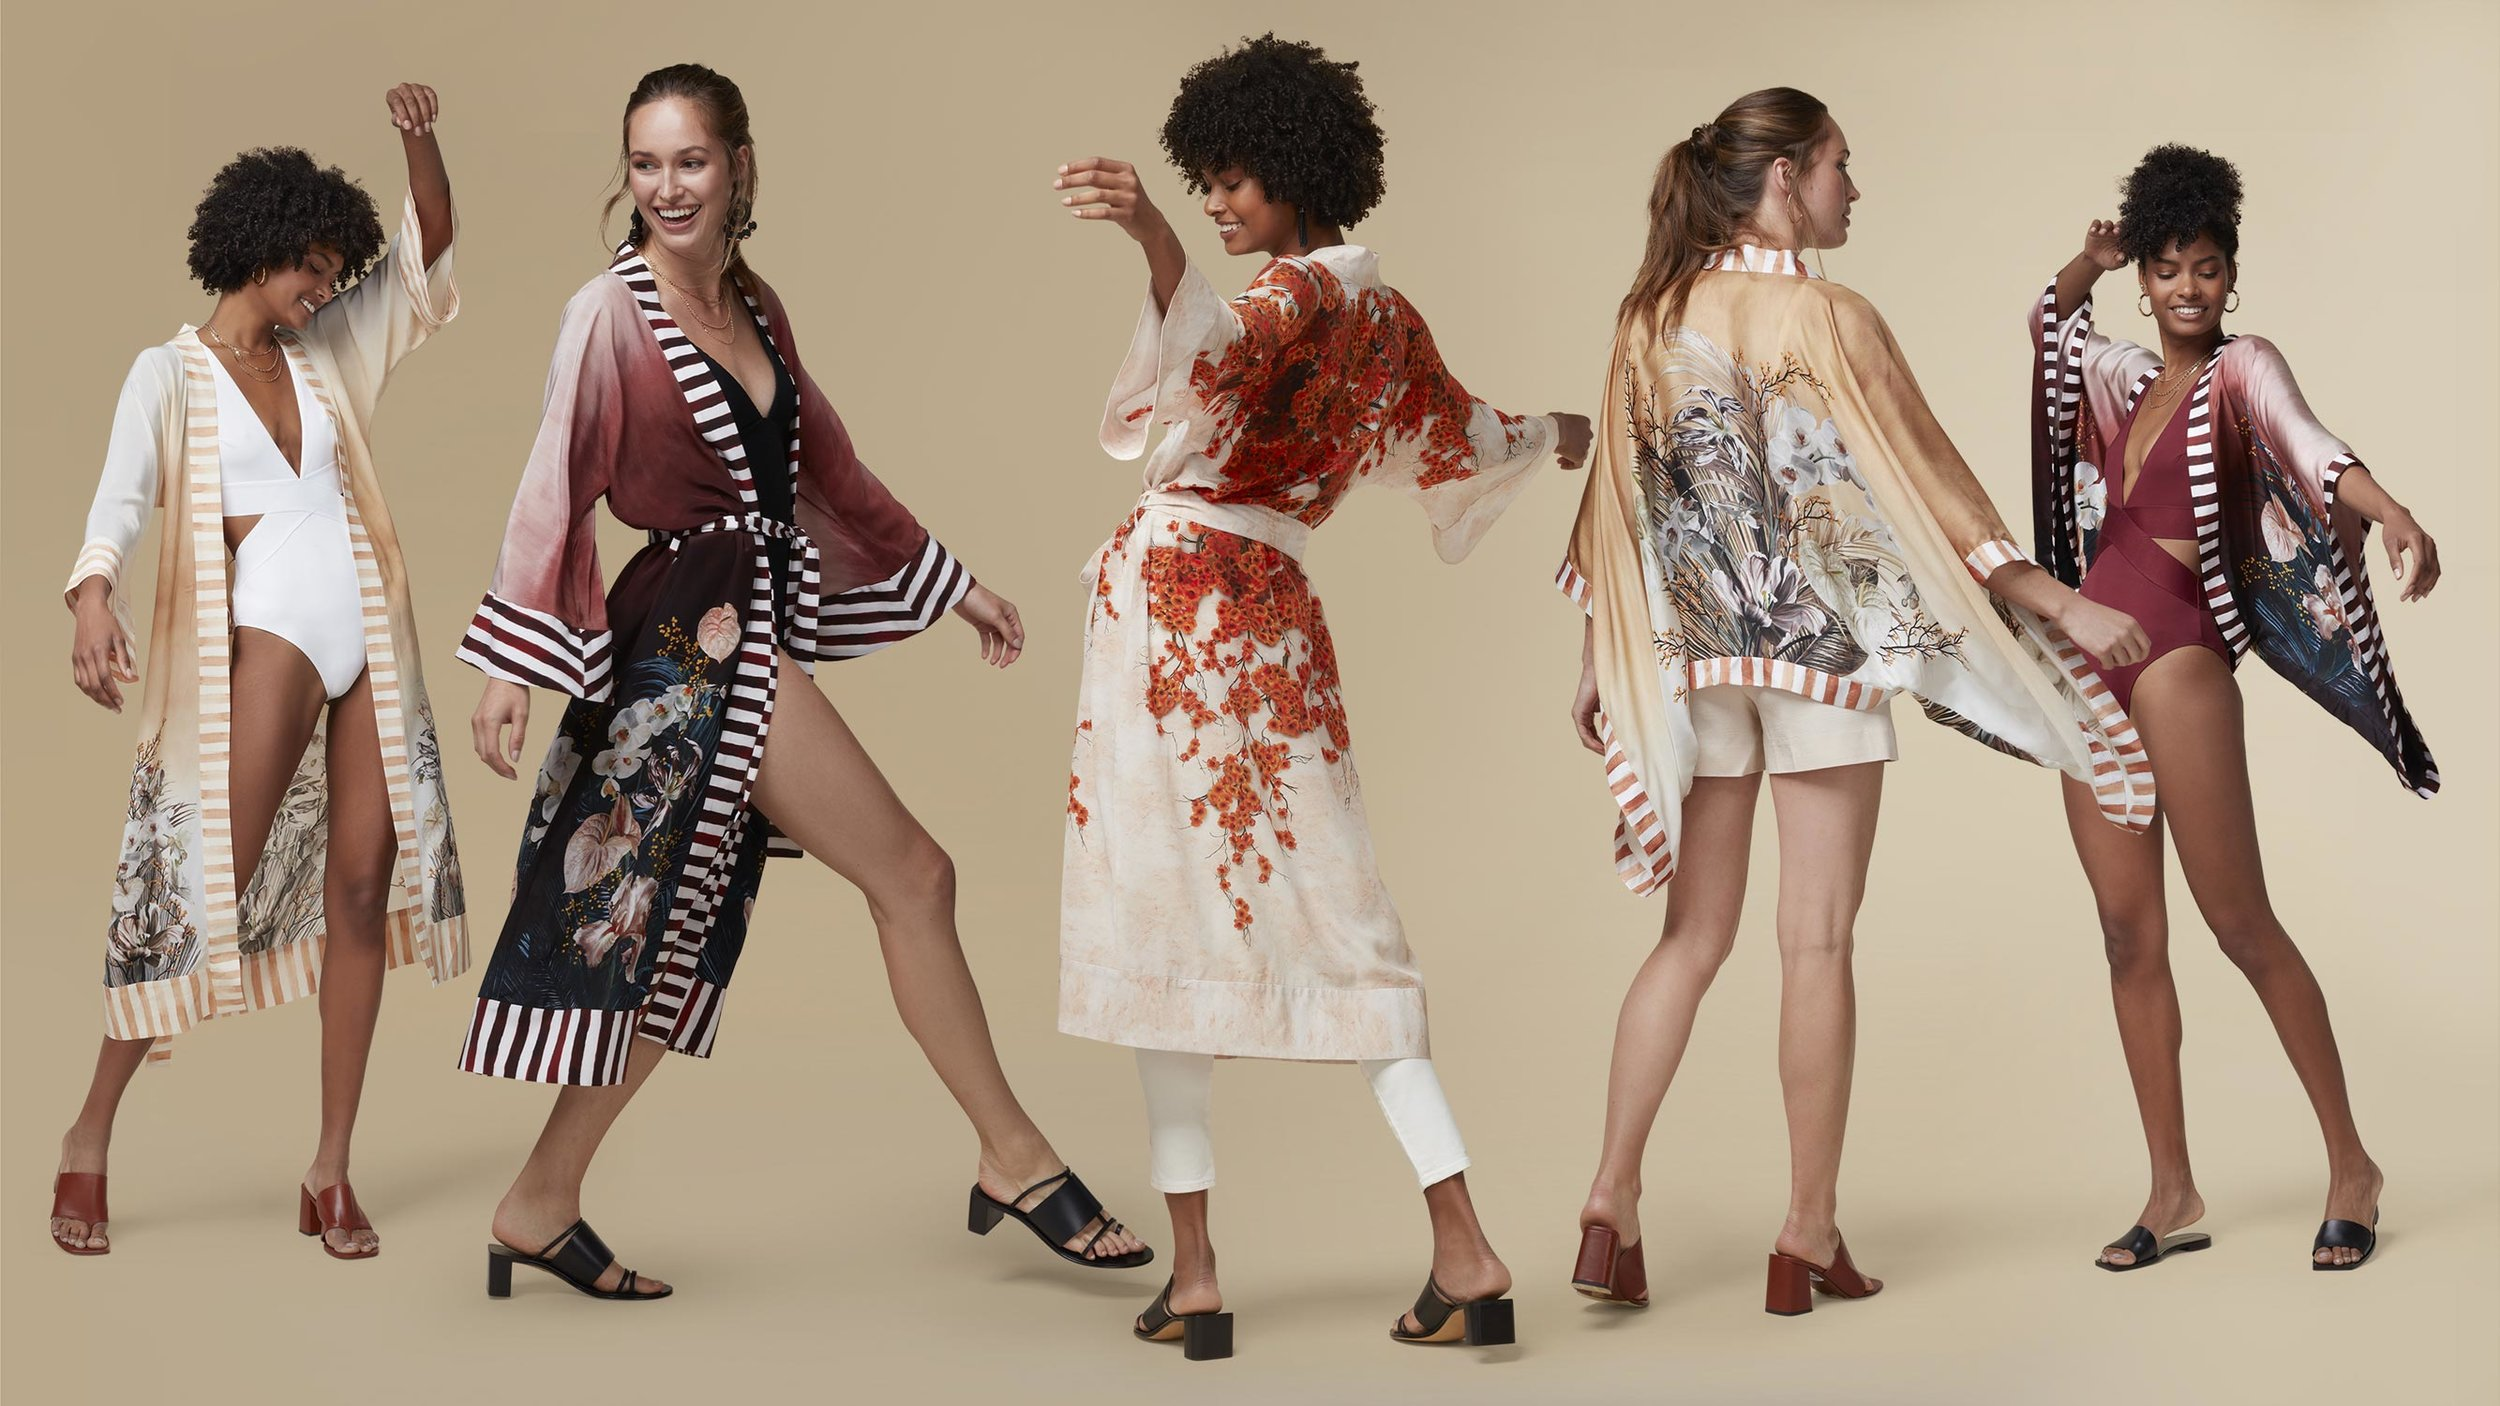 Womenswear-model-photography.jpg